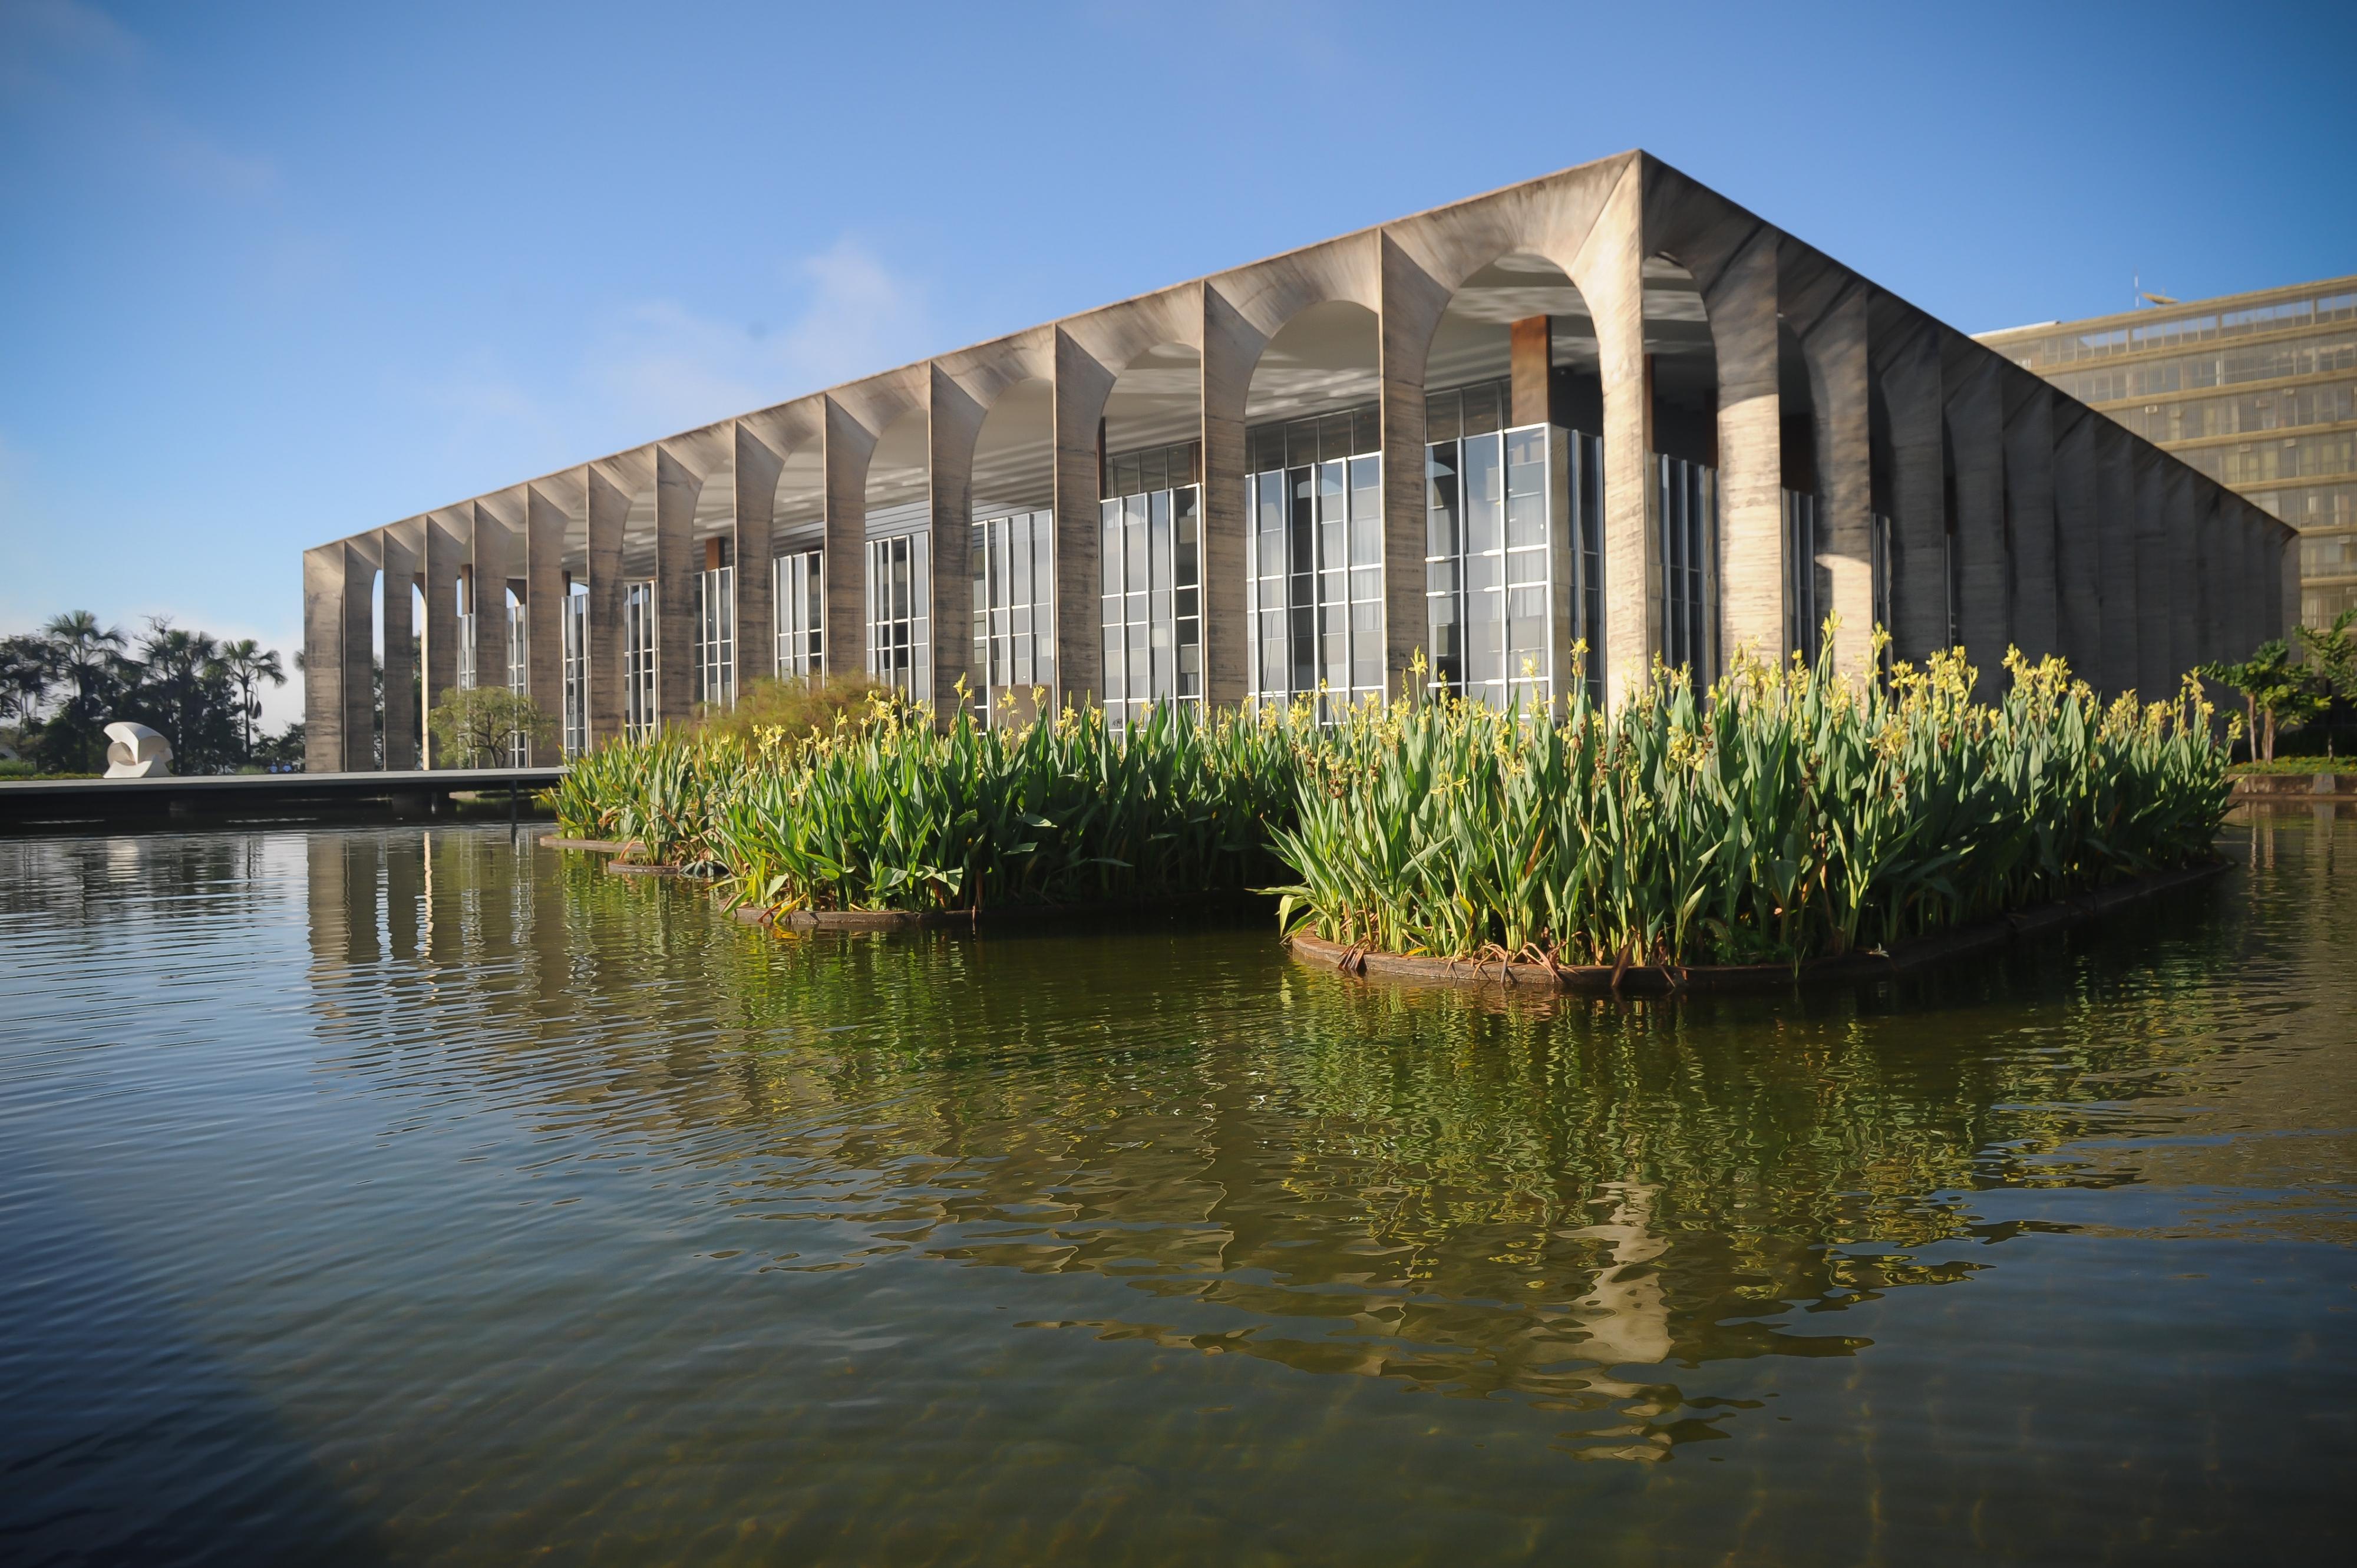 Palácio Itamaraty, sede do Ministério das Relações Exteriores do Brasil, em Brasília. Crédito: Reprodução/Divulgação